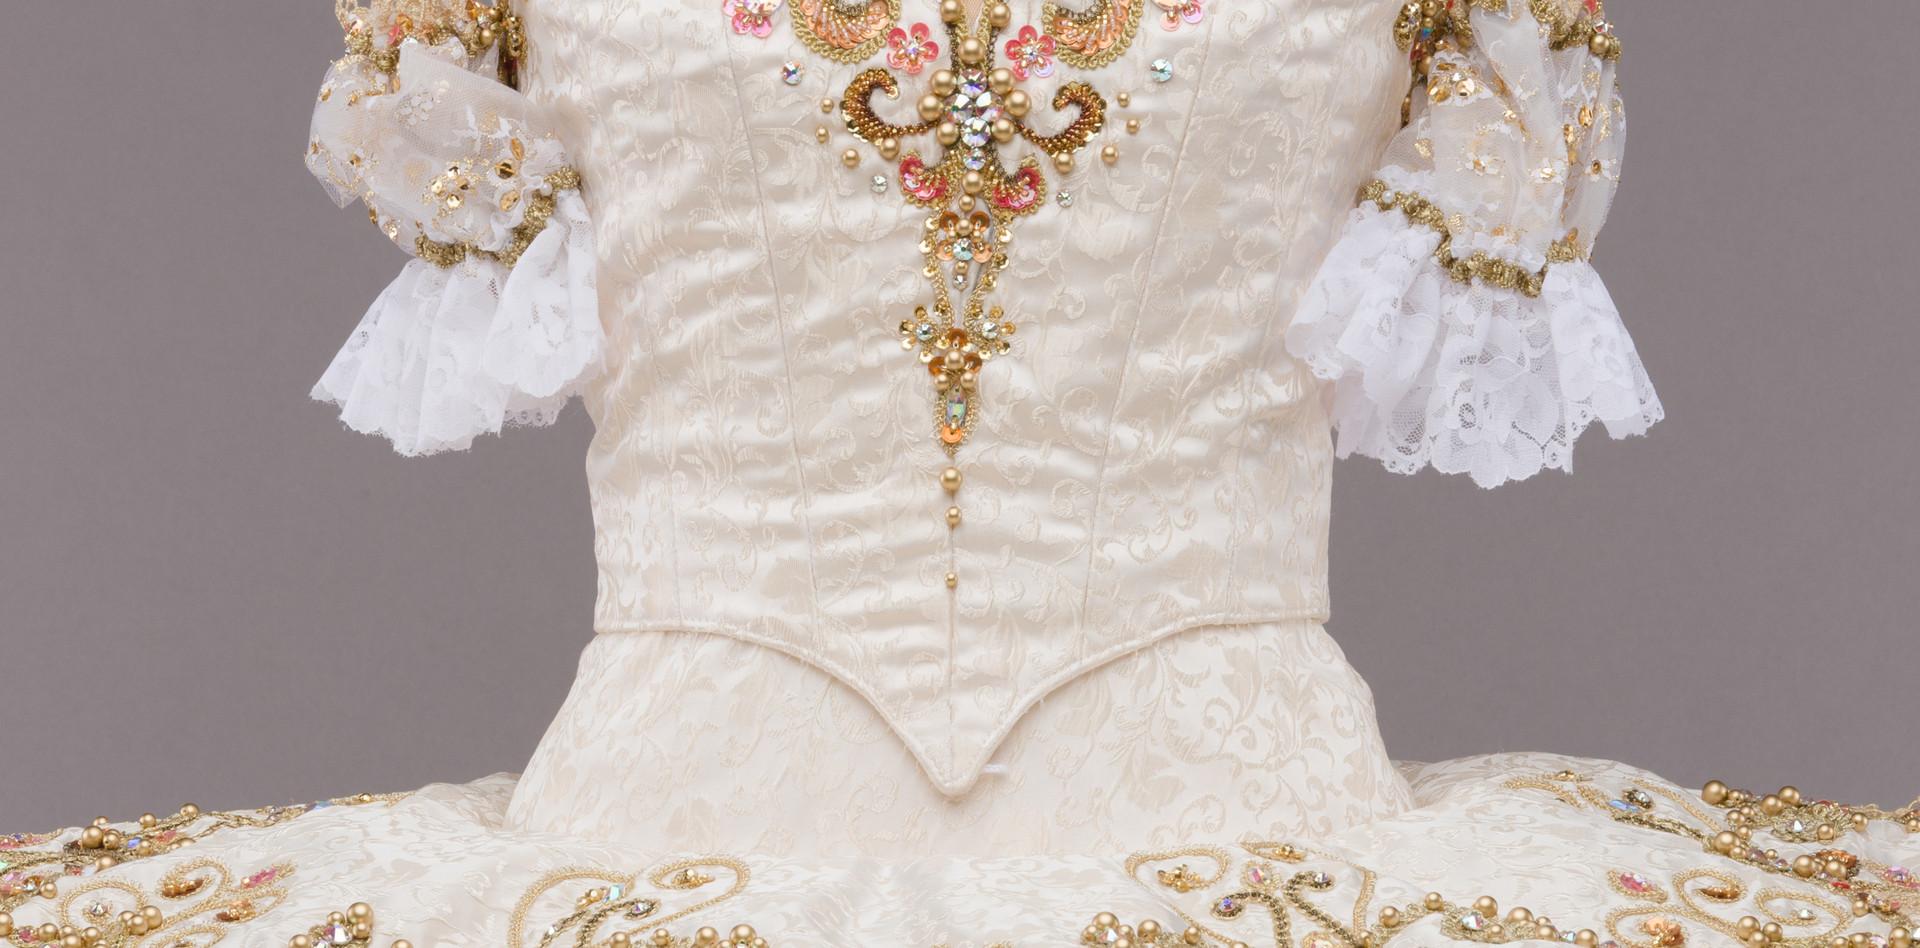 オーロラ姫 3幕 ホワイト